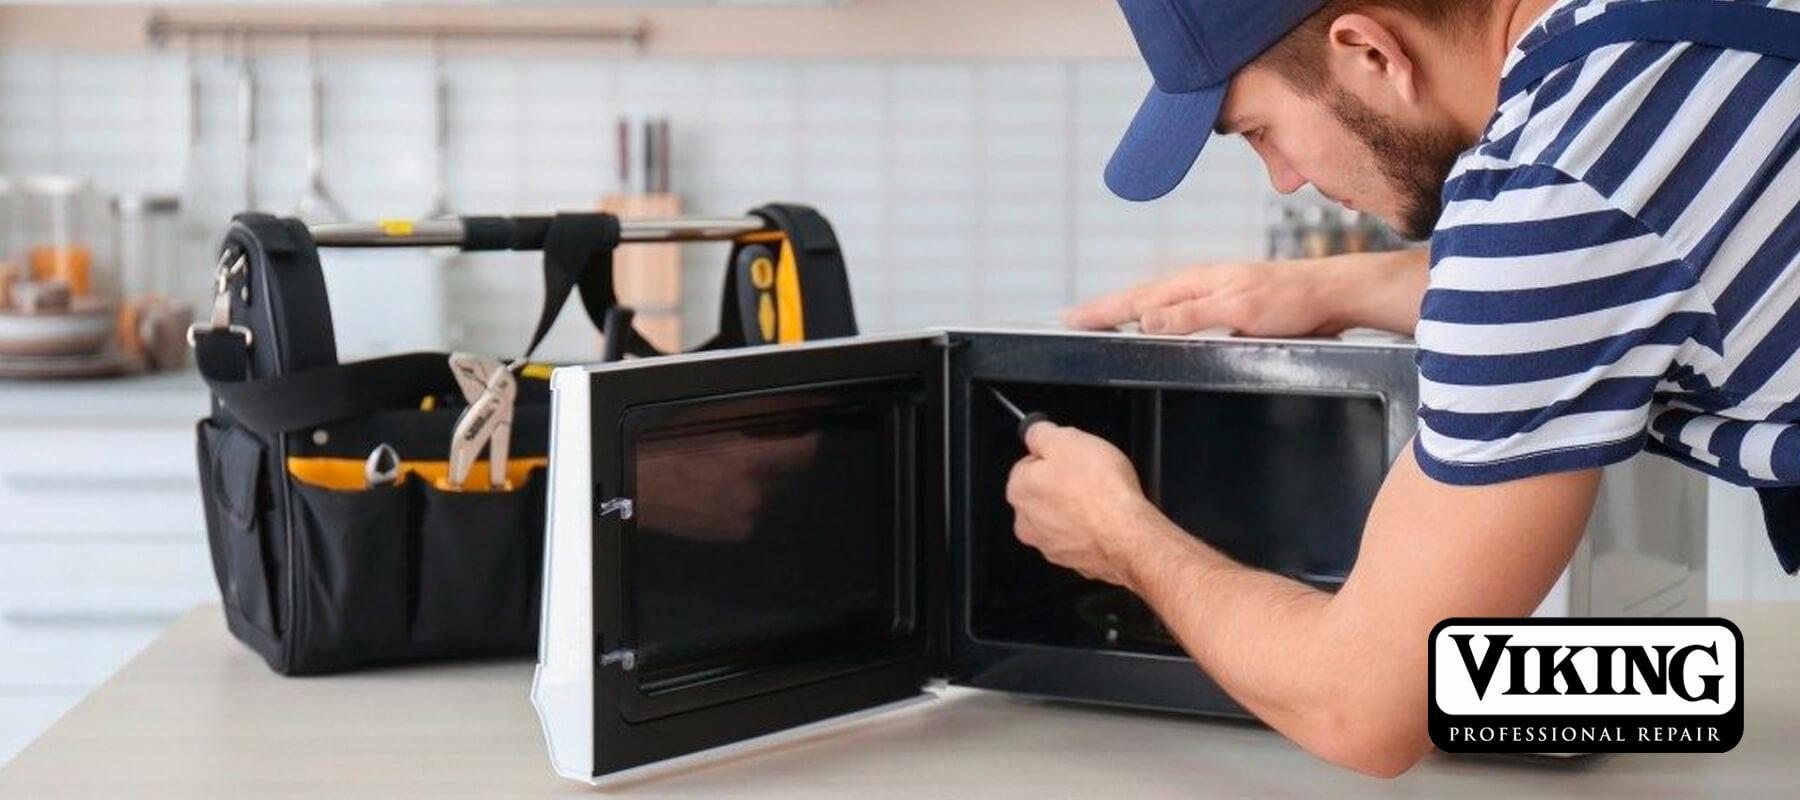 Certified Viking Appliance Repair Woodland Hills | Professional Viking Repair